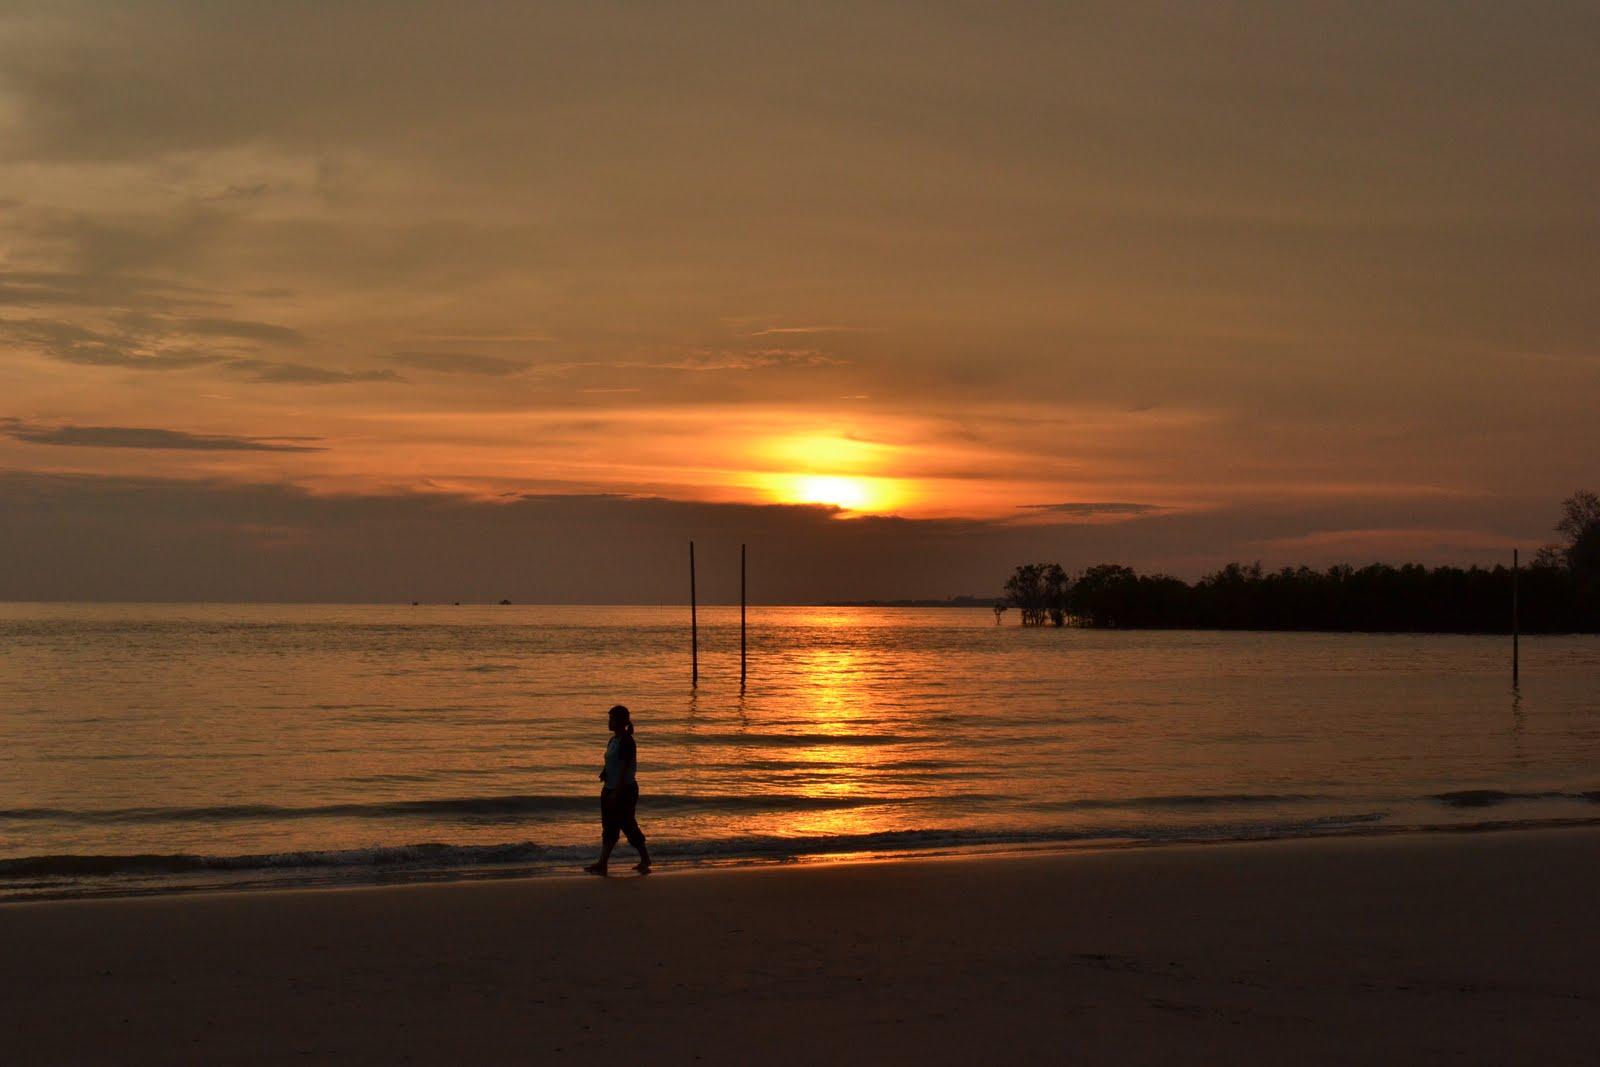 Pictures gambar gambar lukisan pemandangan waktu senja di tepi pantai